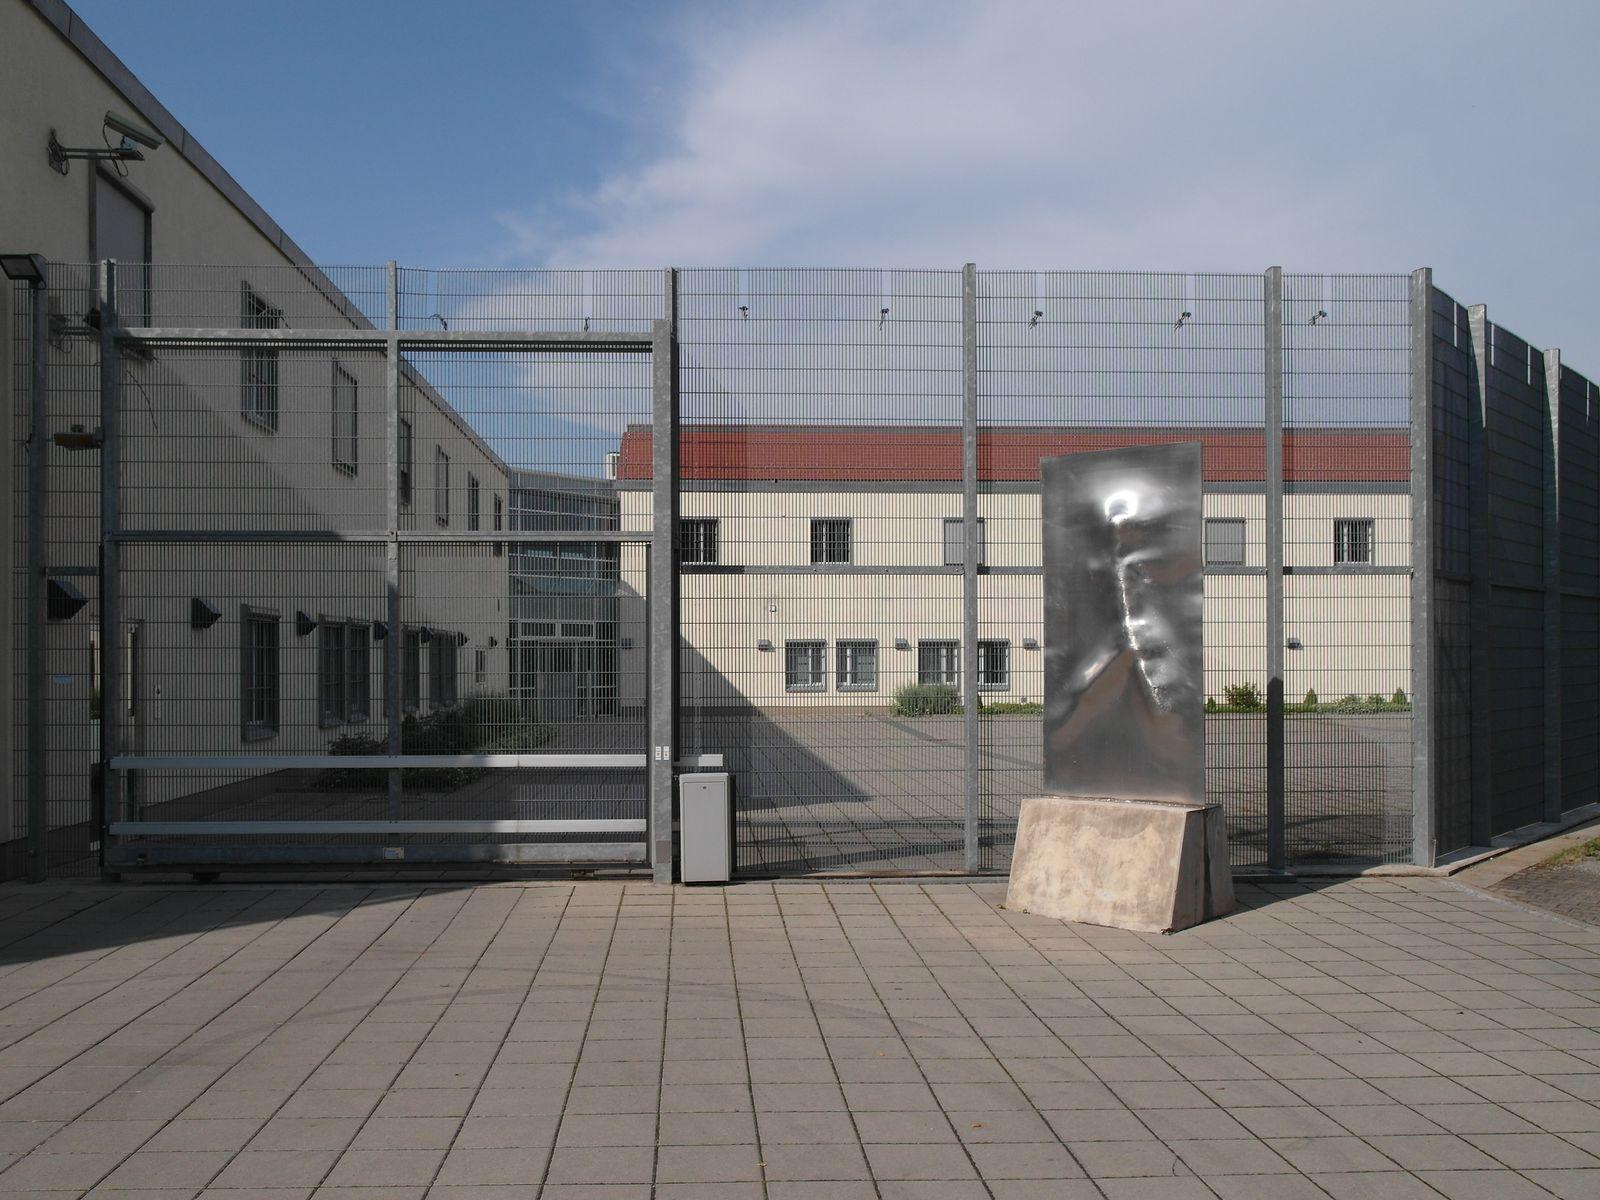 Forensische Psychiatrie Weissenhof